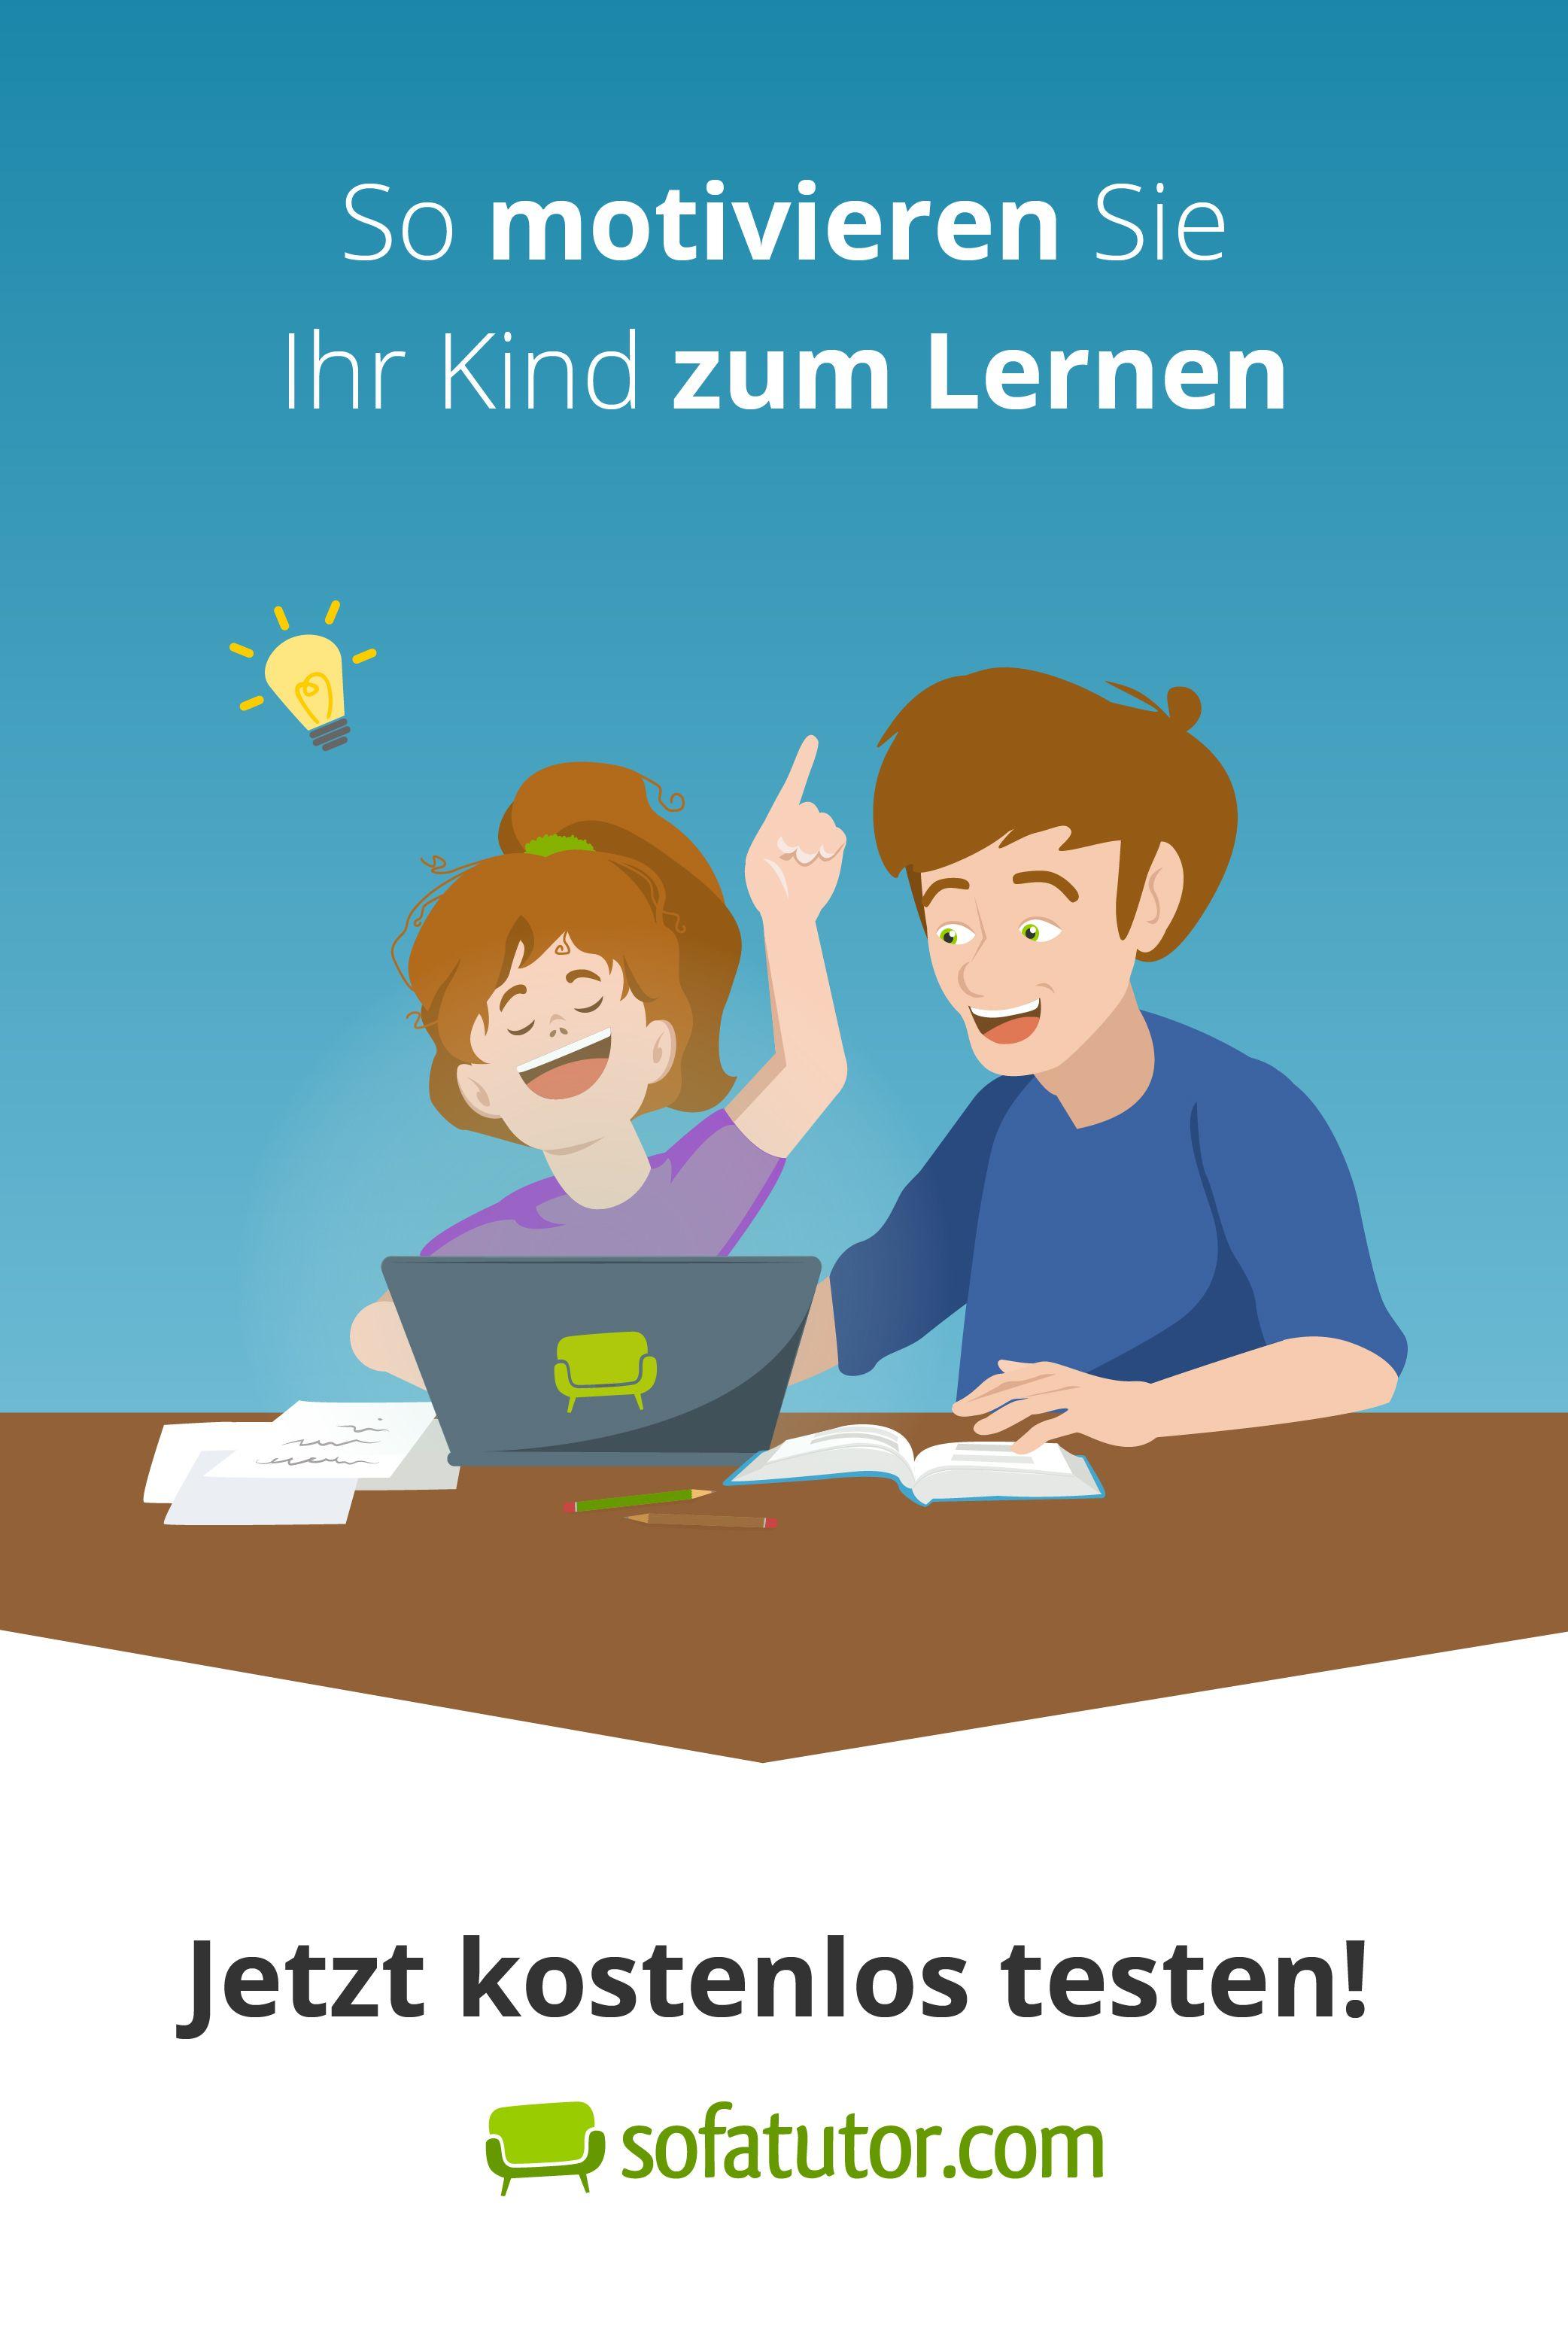 Sofatutor Com Mit Spass Lernen Noten Verbessern Spass Lernen Lernen Arbeitsblatter Zum Ausdrucken